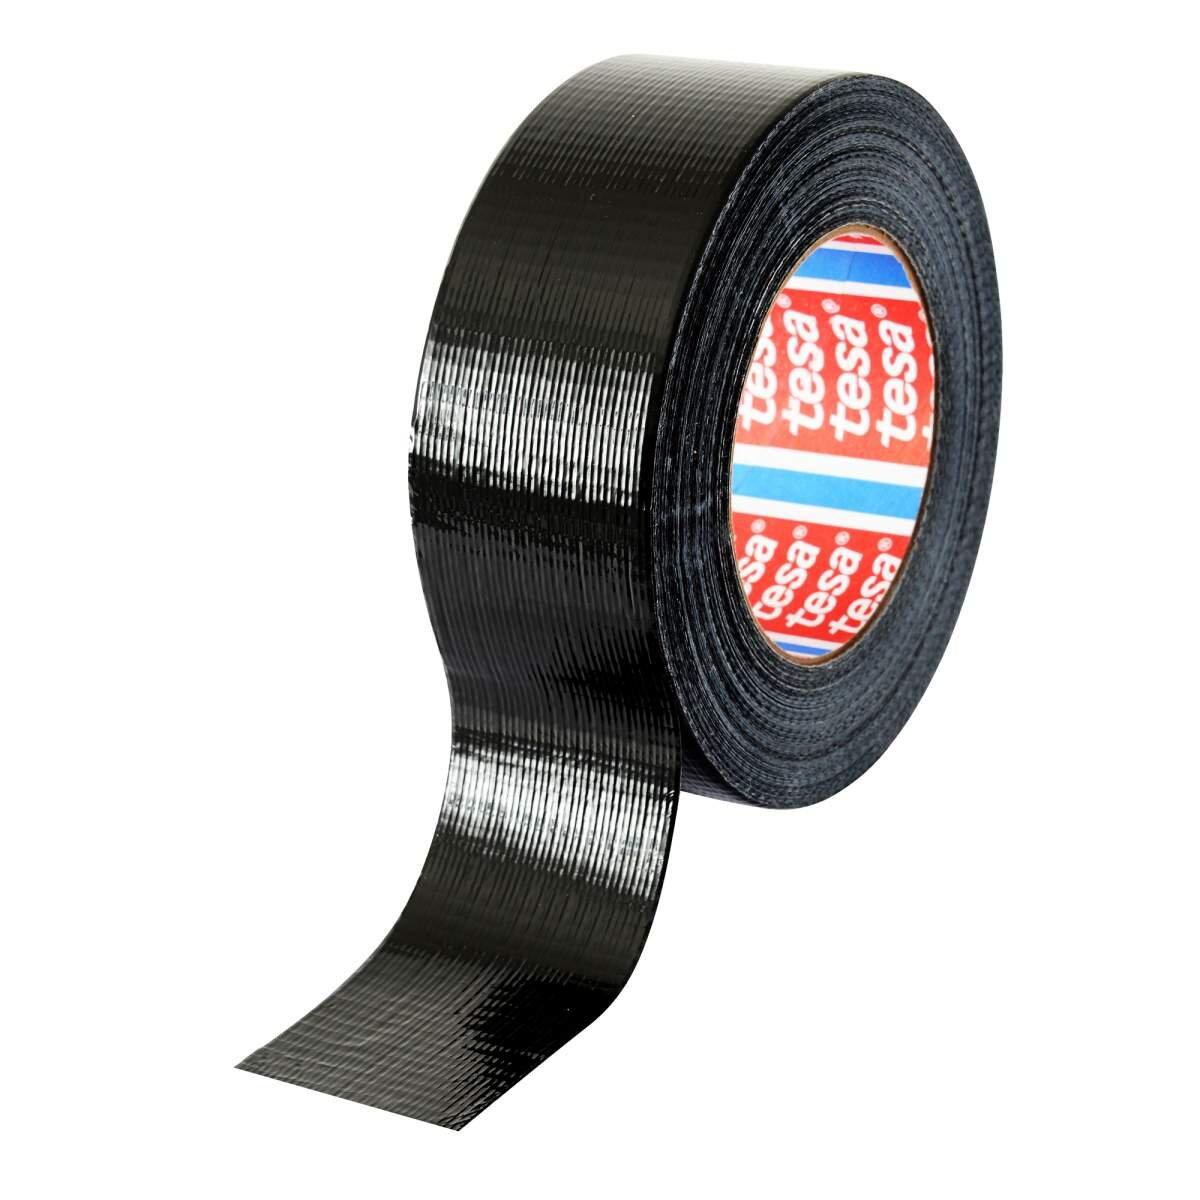 Tesa Duct Tape Black 48mm X 50m